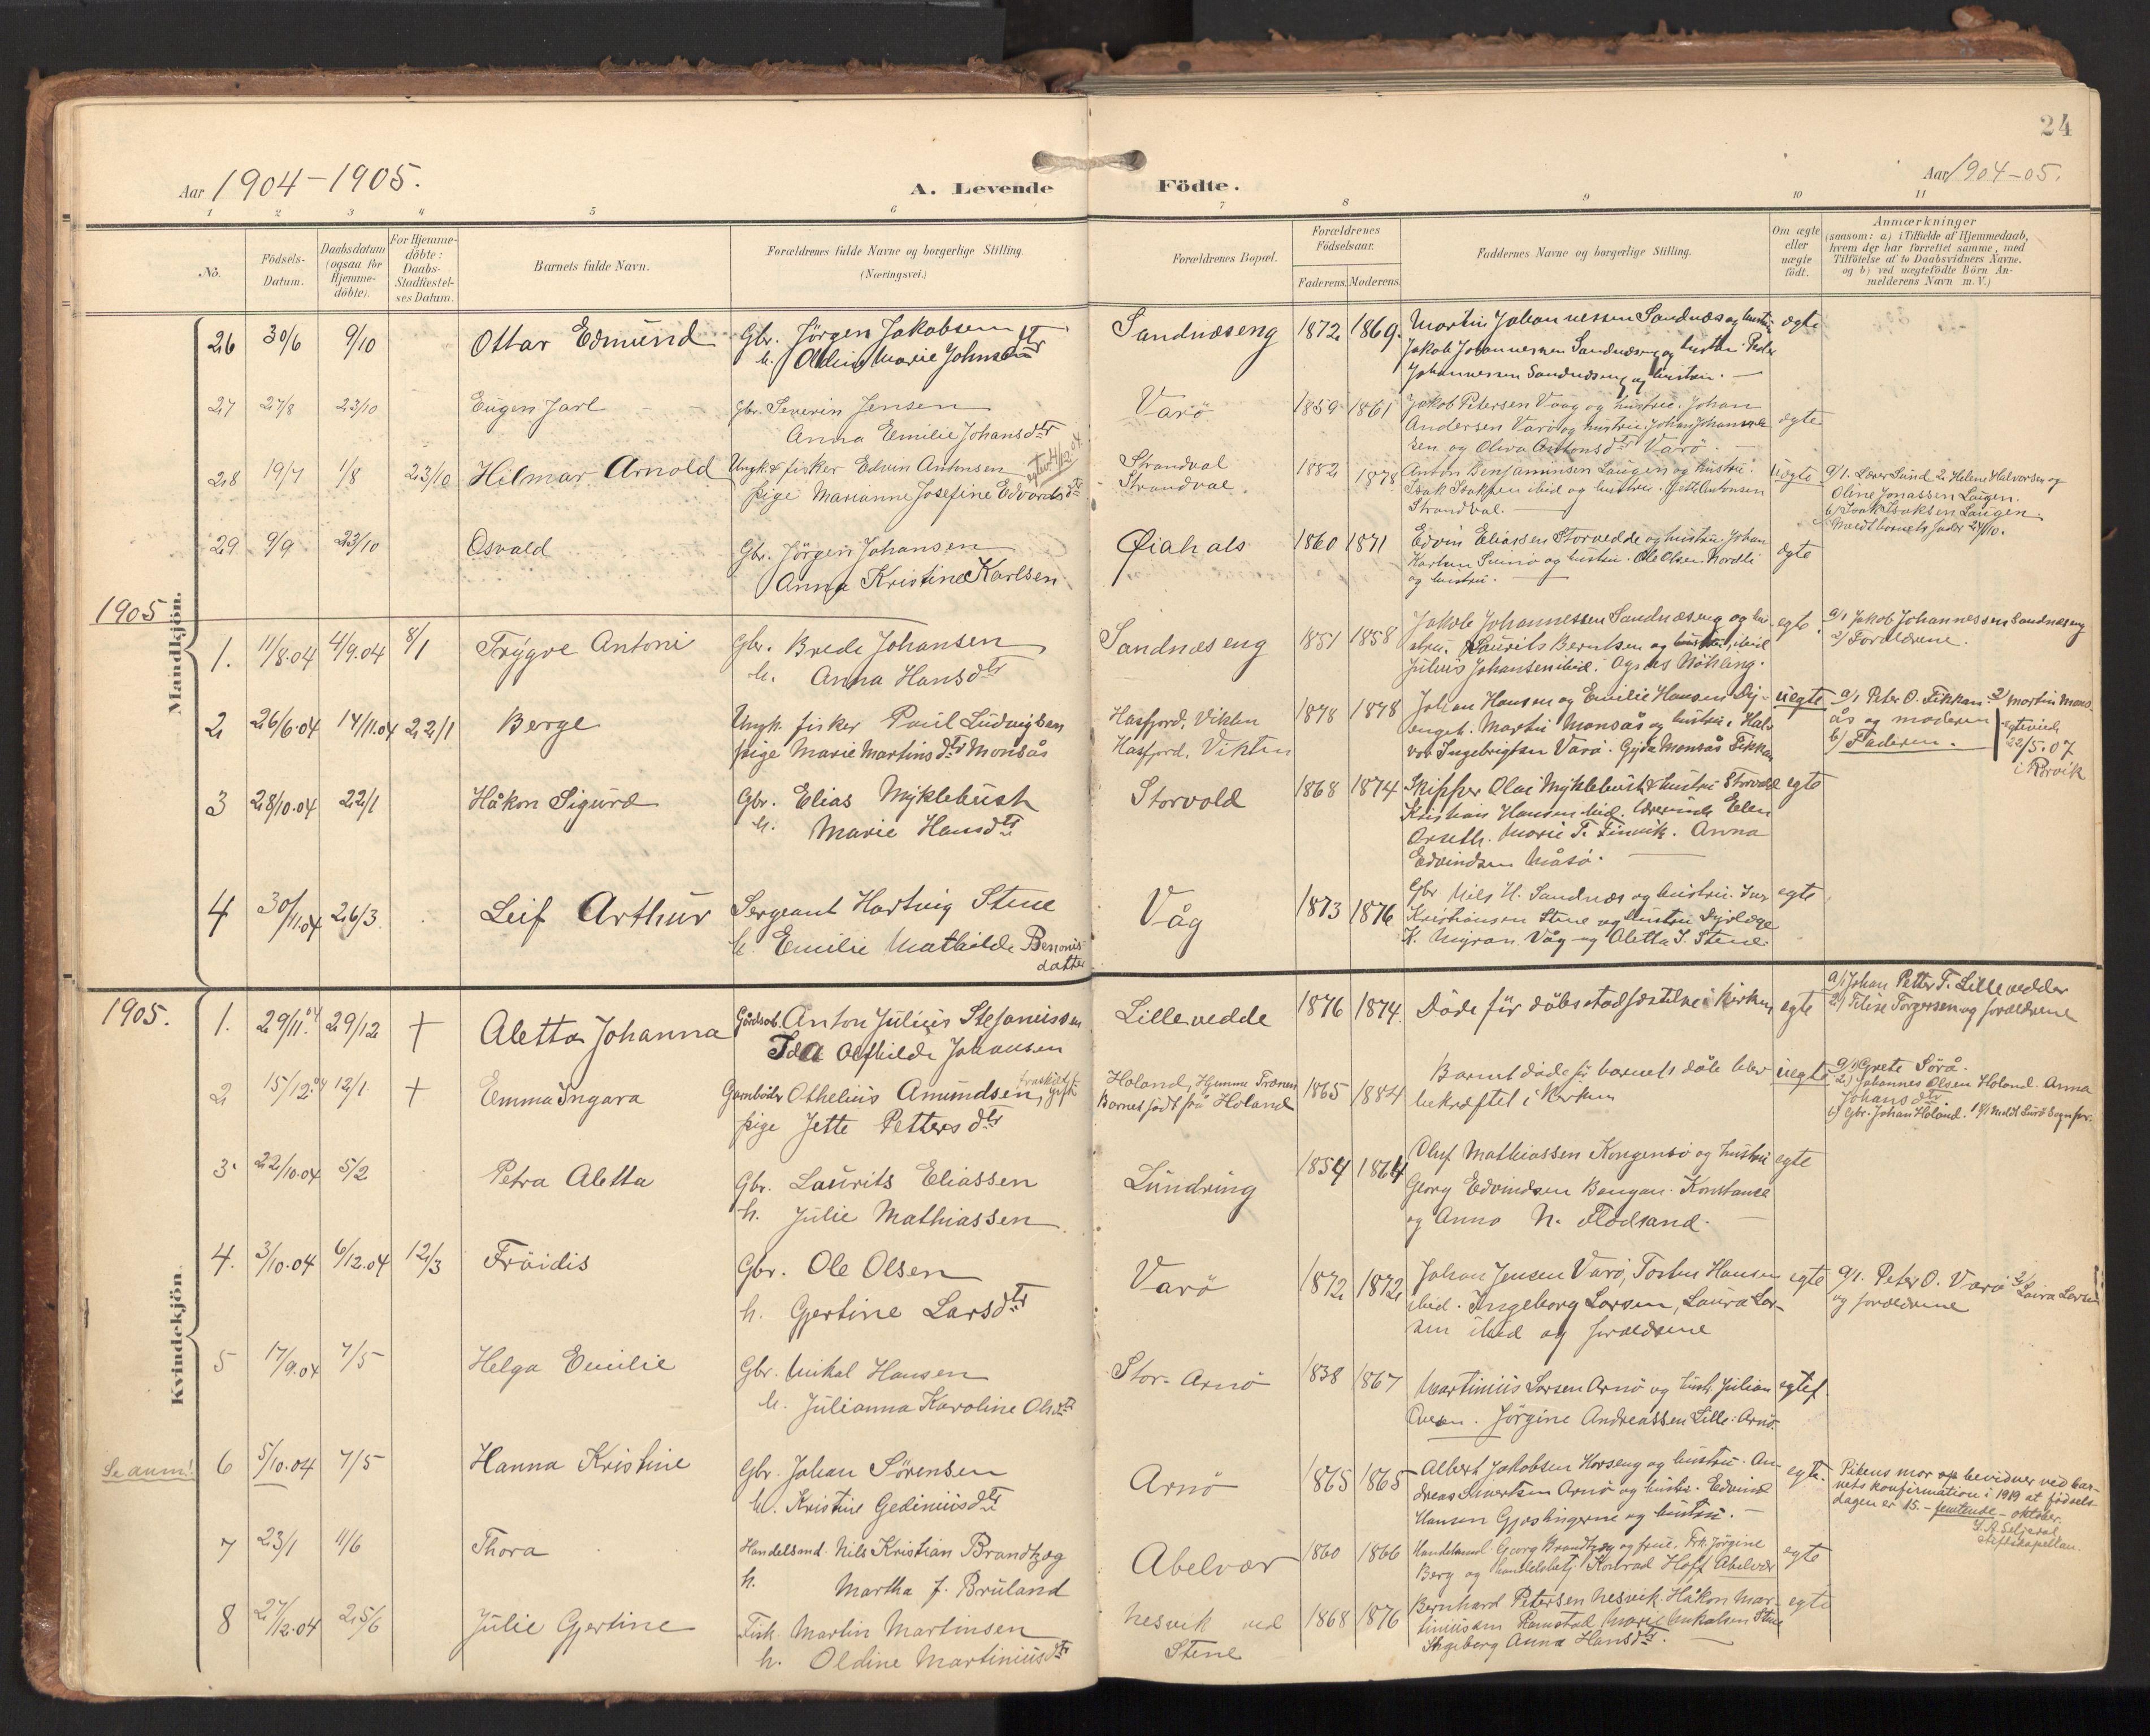 SAT, Ministerialprotokoller, klokkerbøker og fødselsregistre - Nord-Trøndelag, 784/L0677: Ministerialbok nr. 784A12, 1900-1920, s. 24